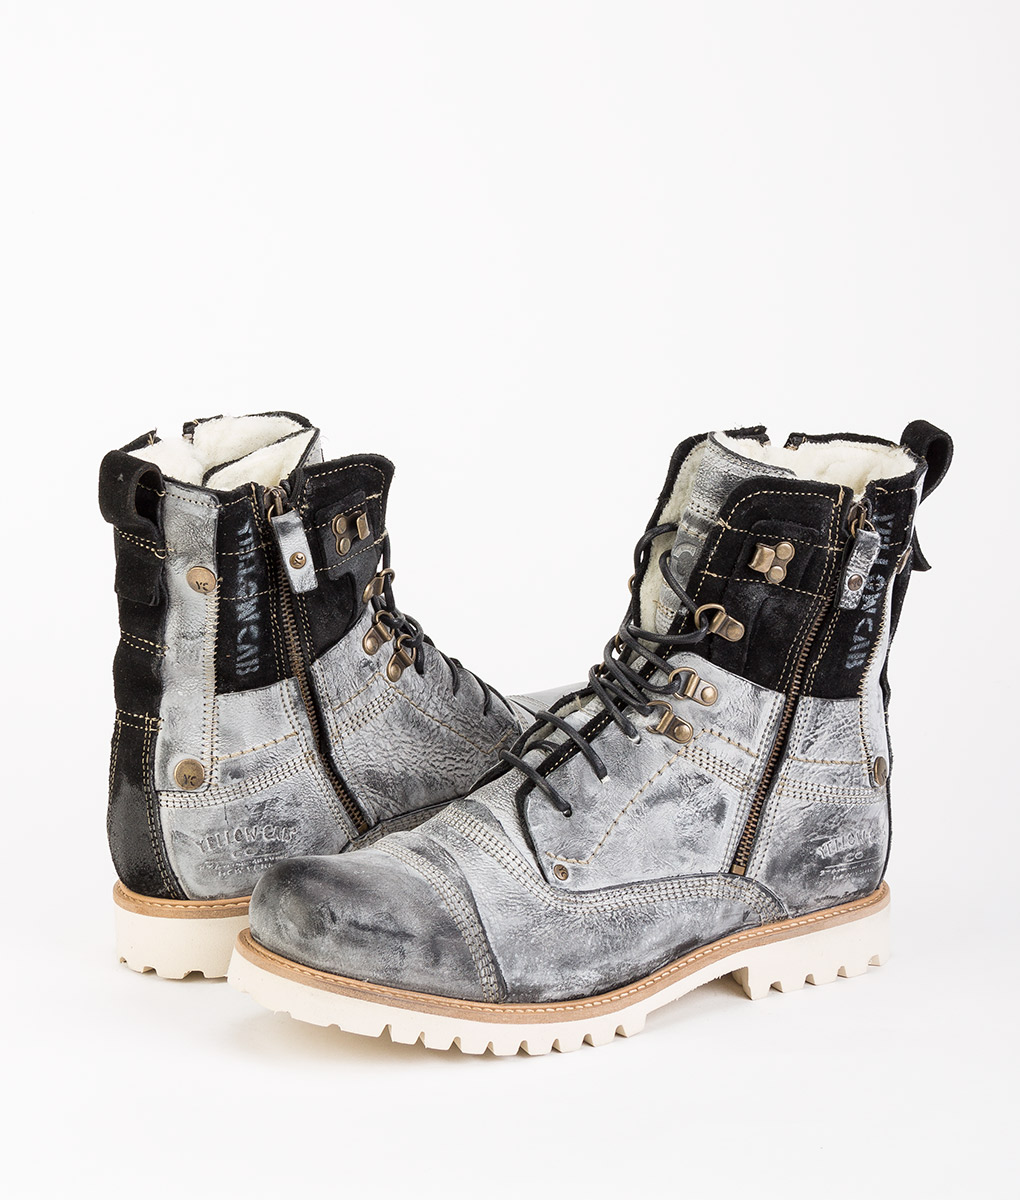 online retailer f1d37 eadba YELLOW CAB Men Ankle Boots Y18035 SOLDIER EVA, Black 169.99 ...